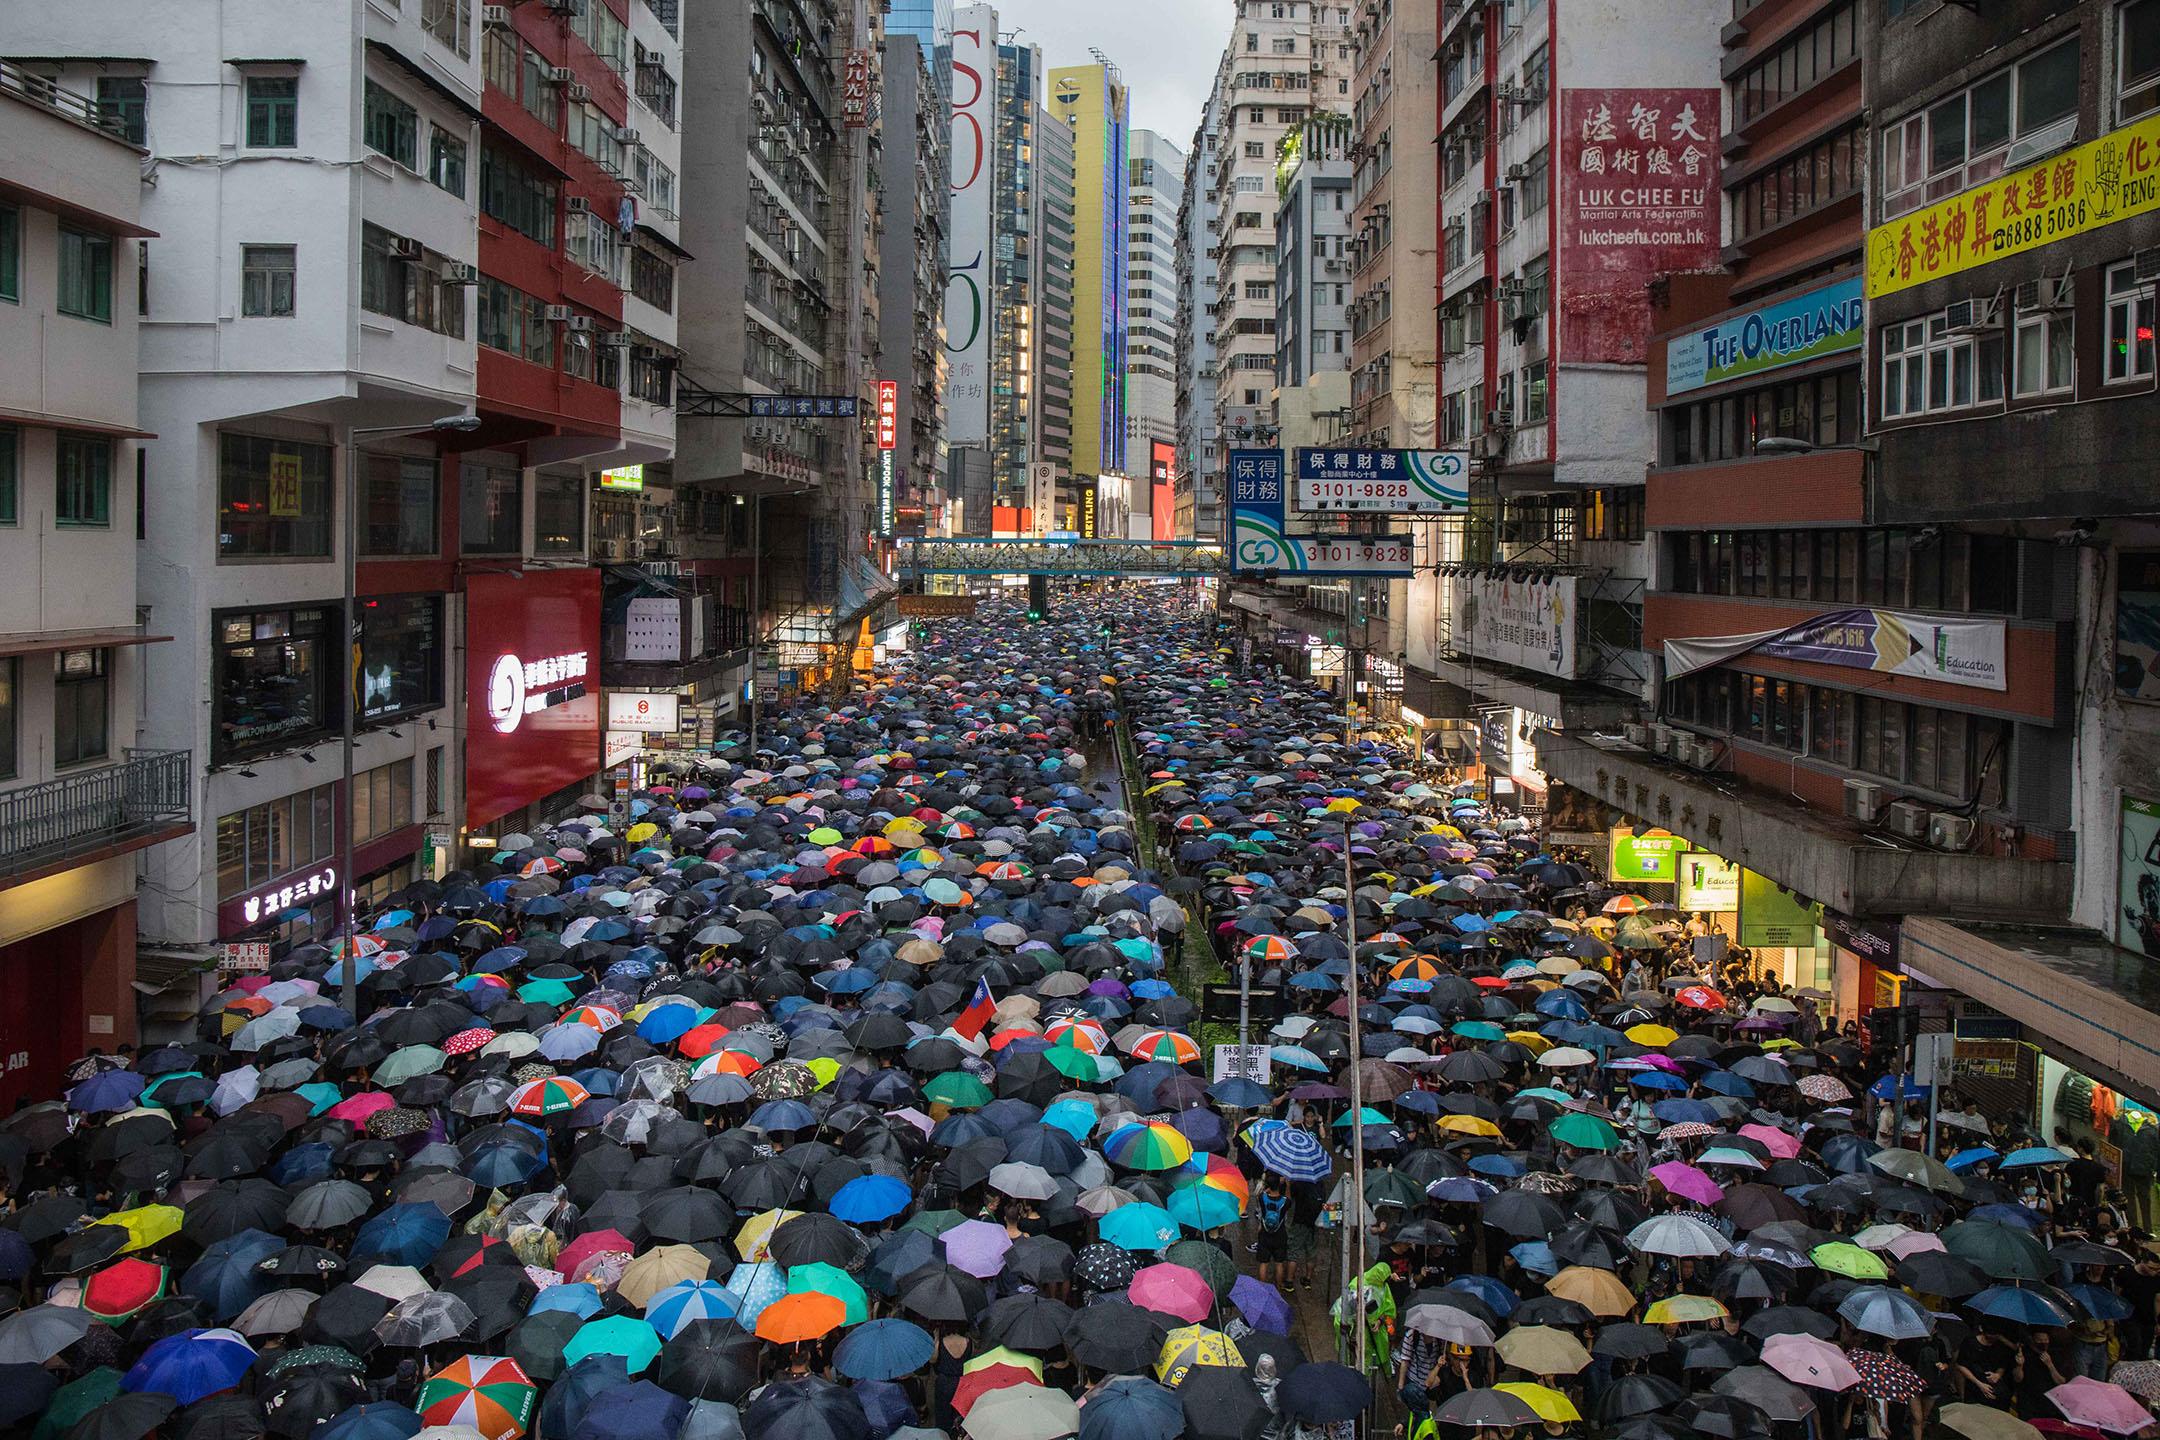 8月18日,傍晚六時許銅鑼灣,華燈初上,示威者撐傘走在城市间。